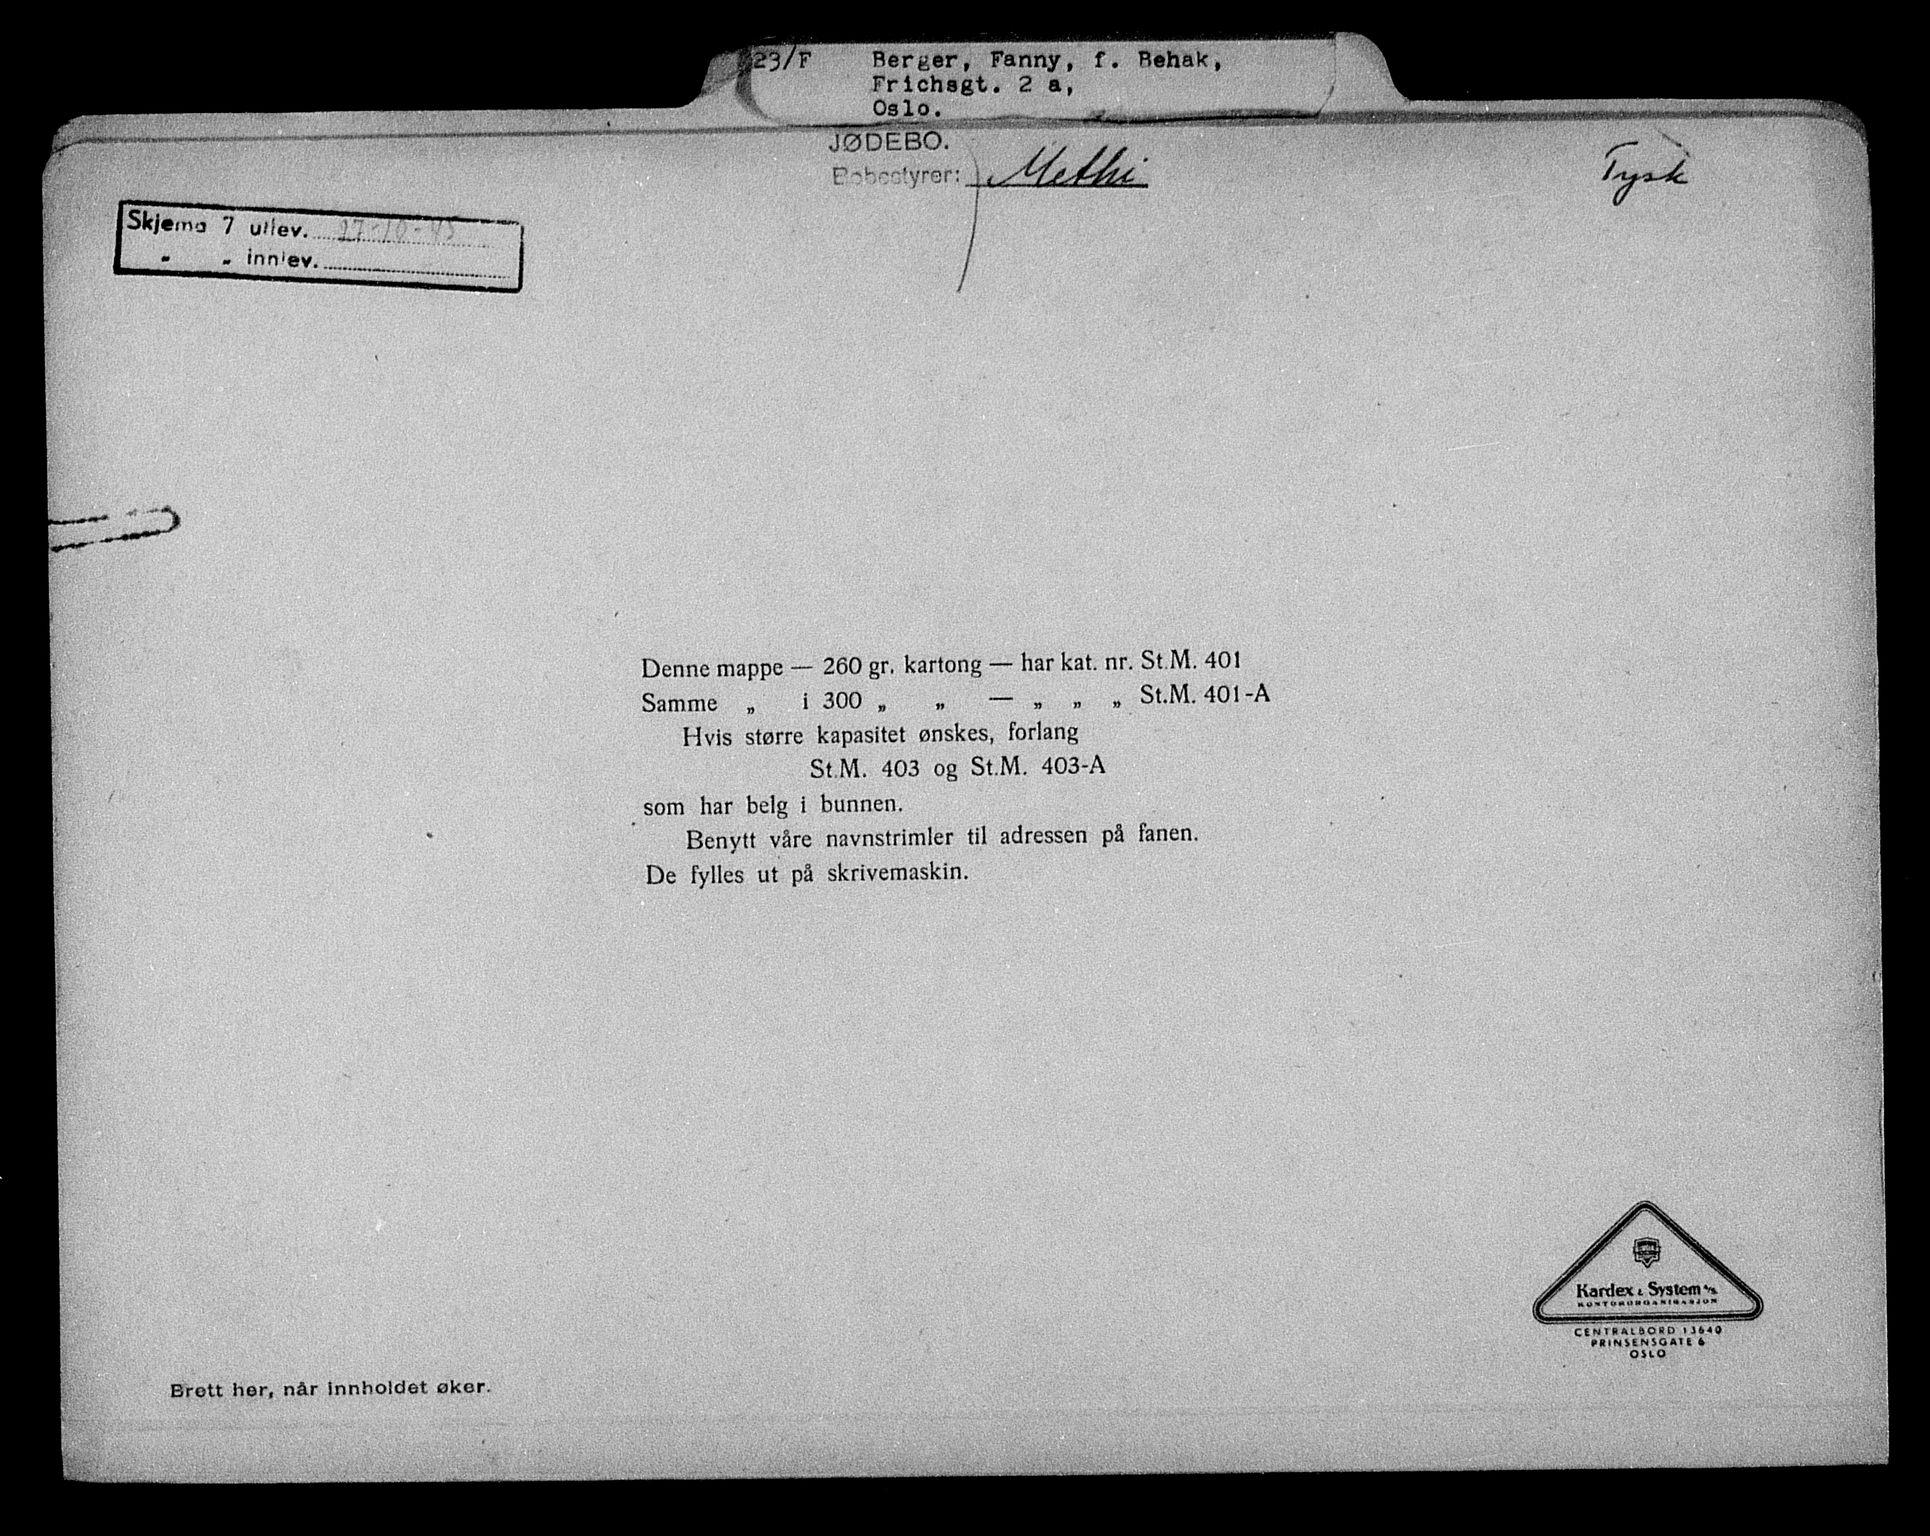 RA, Justisdepartementet, Tilbakeføringskontoret for inndratte formuer, H/Hc/Hcc/L0921: --, 1945-1947, s. 2